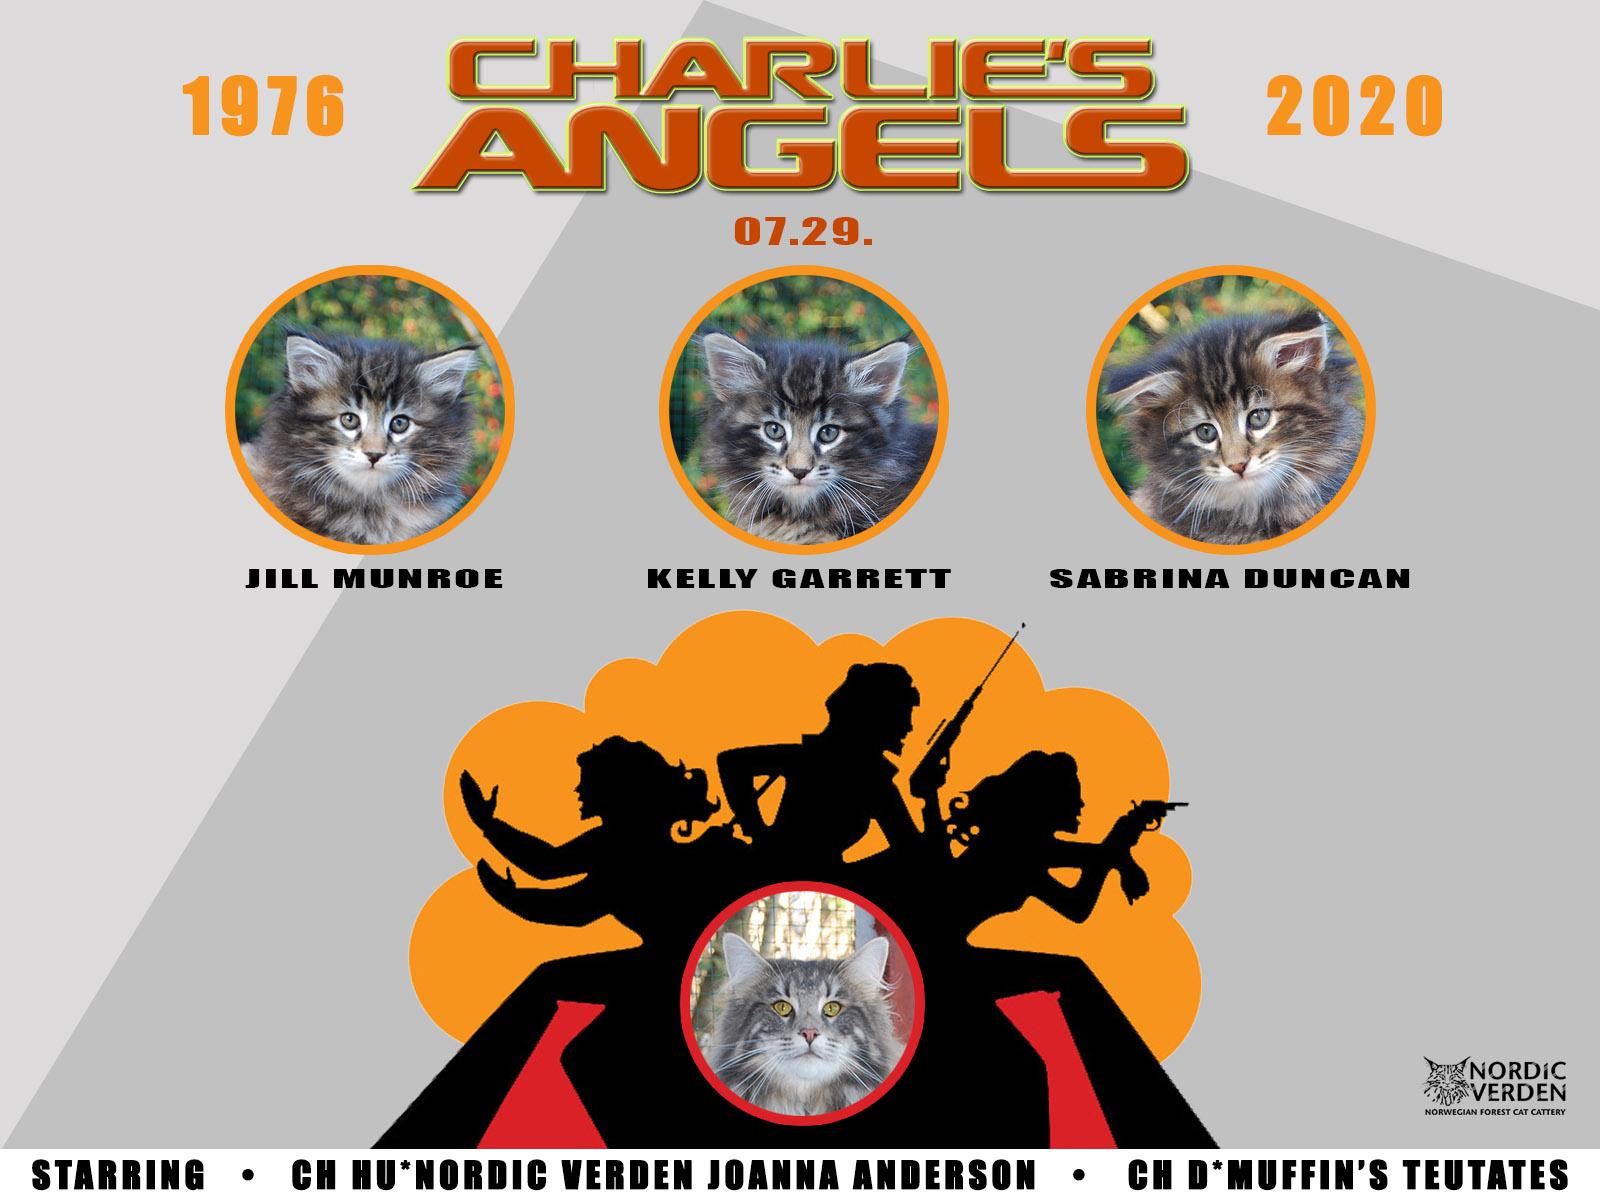 Nordic Verden - norvég erdei macska tenyészet - Charlie's Angels alom